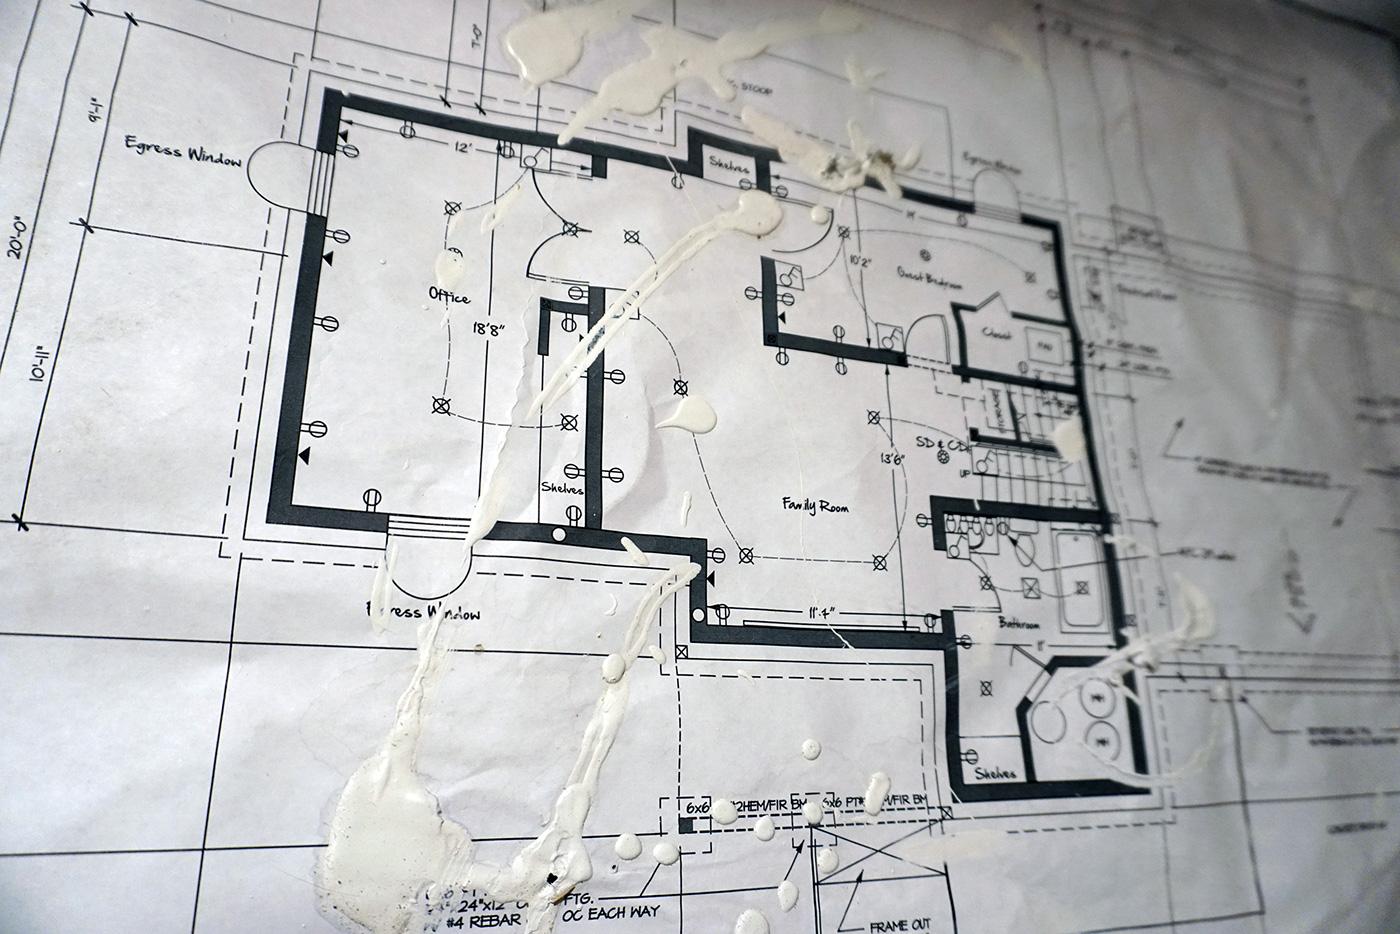 interior design  Office Design art studio editing studio